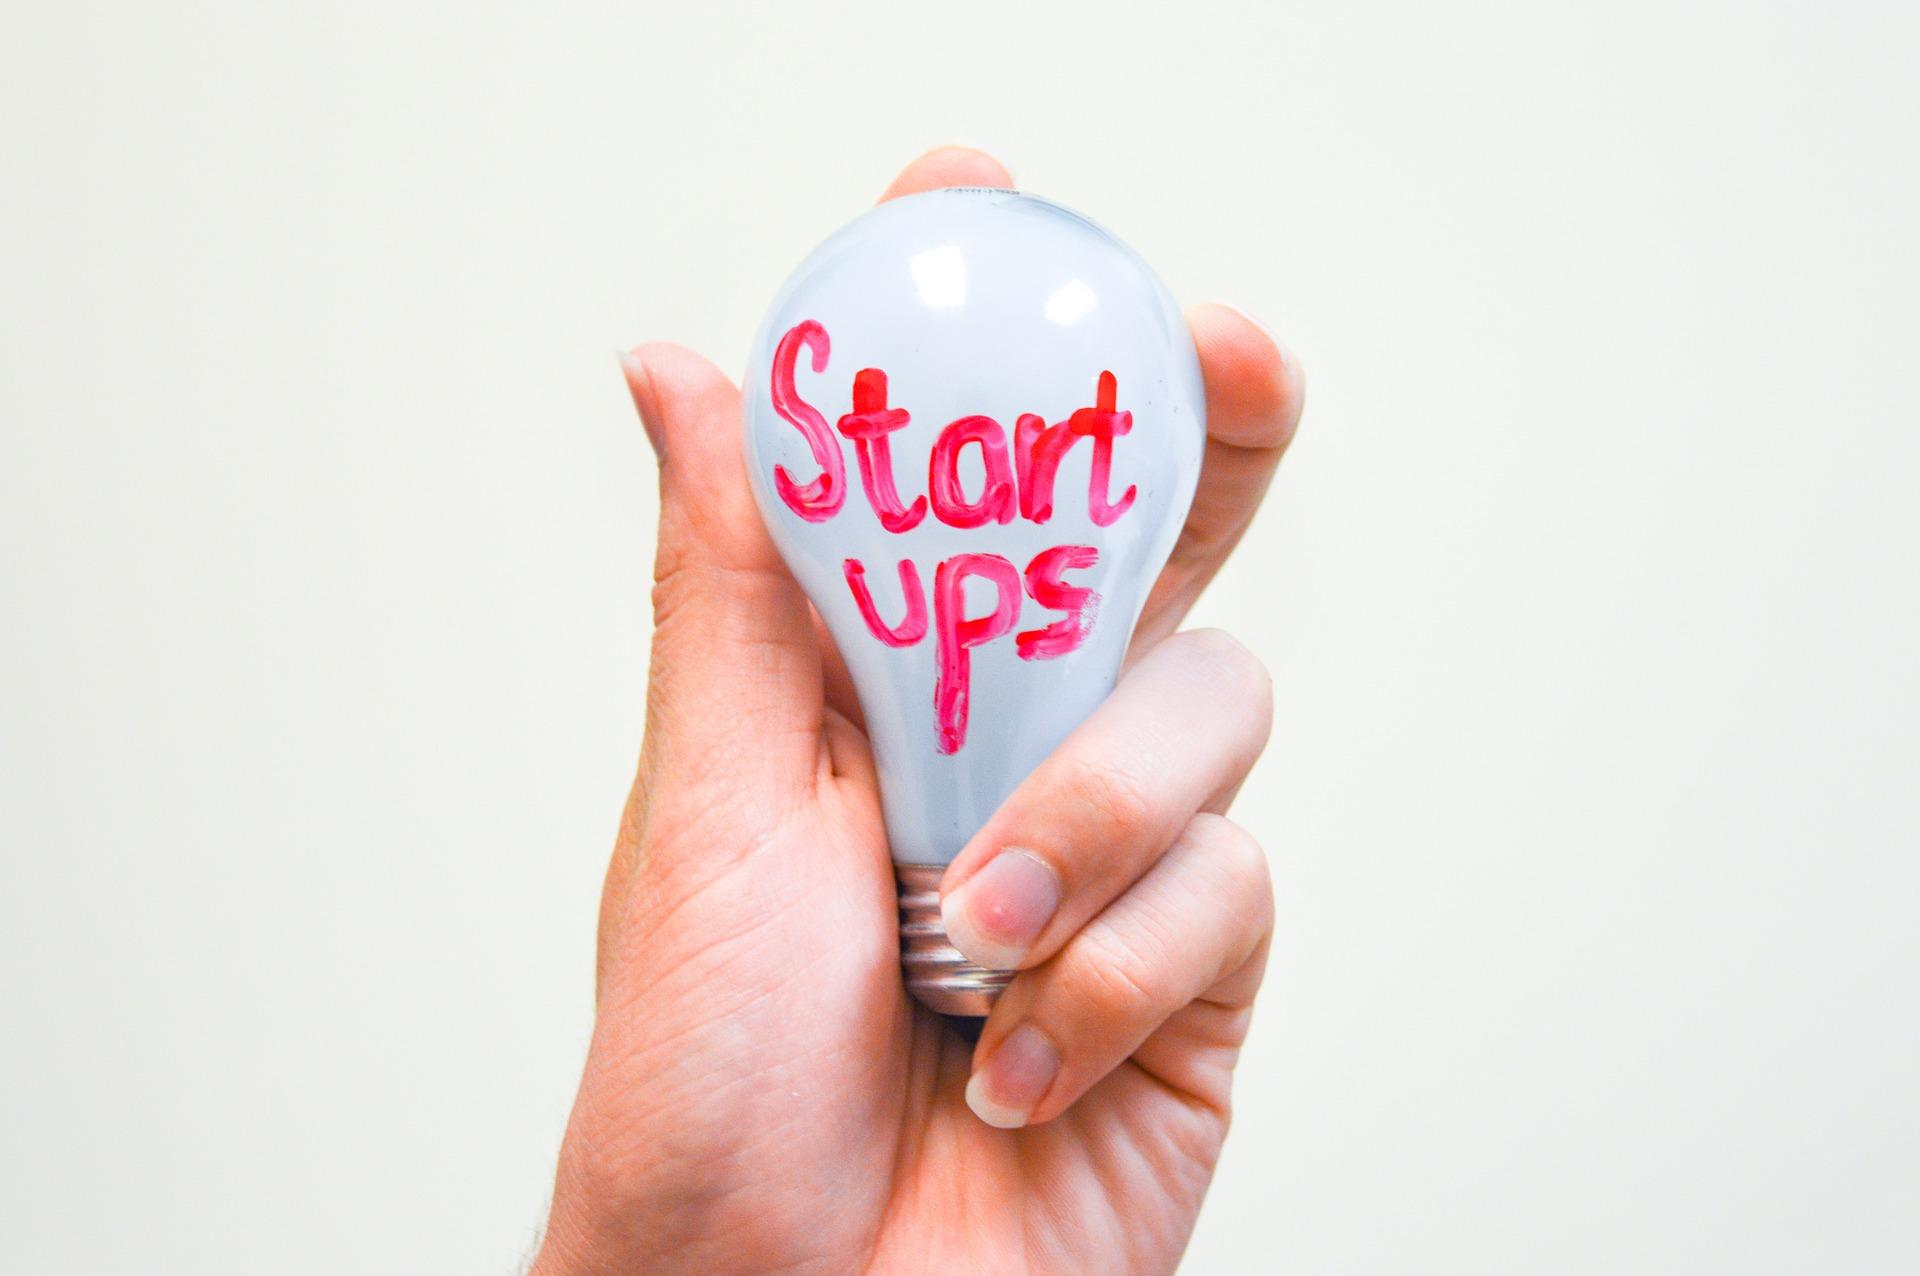 Нова платформа Start Up Club рекламуватиме українські розробки